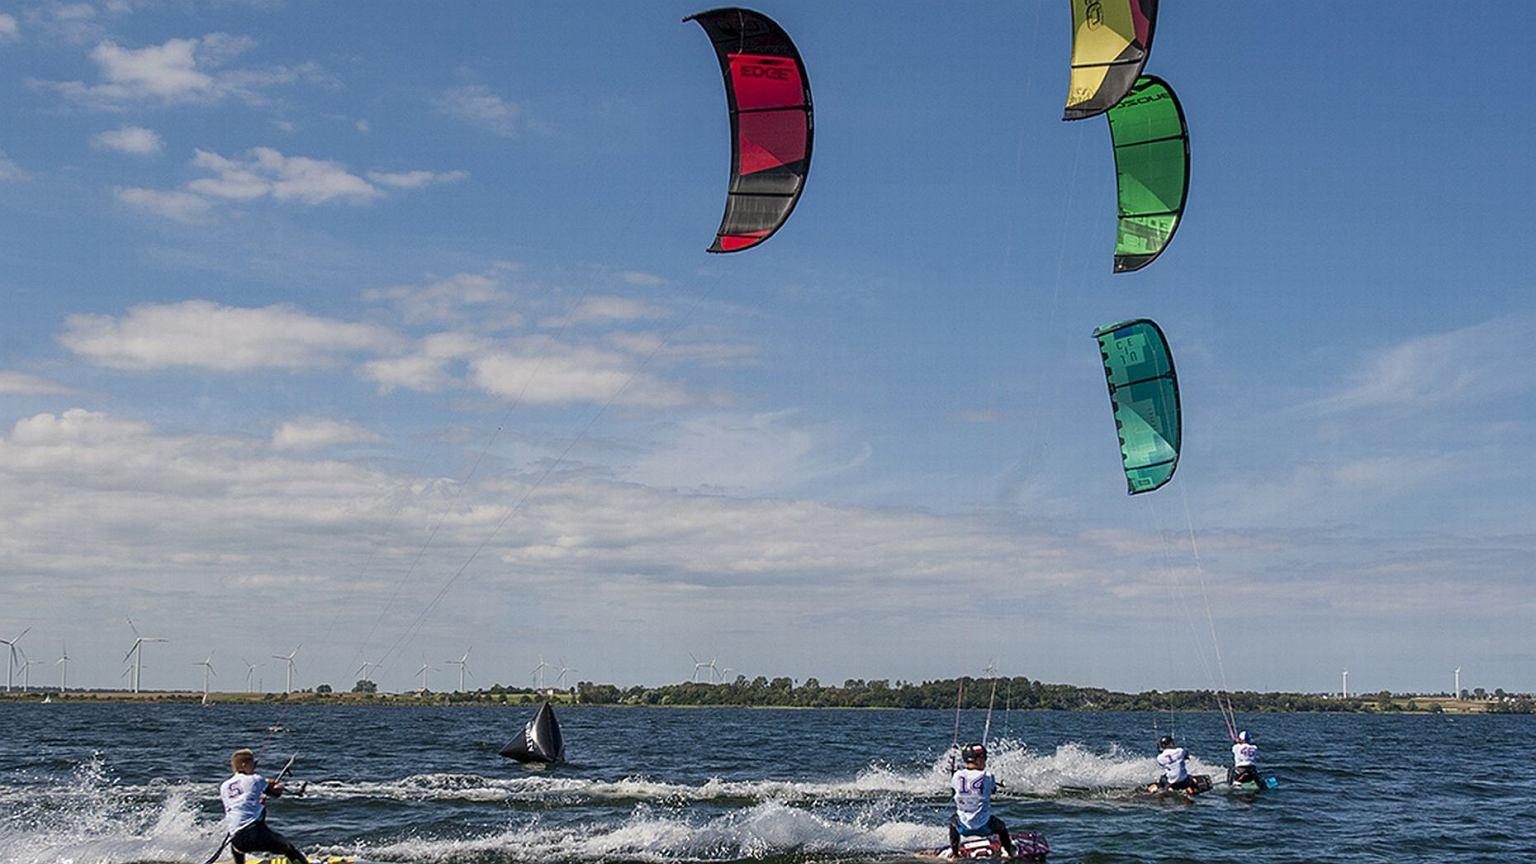 Przed nami finał Pucharu Polski i Mistrzostwa Polski w kitesurfingu! Najlepsi spotkają się na zawodach Ford Fiesta Active Cup